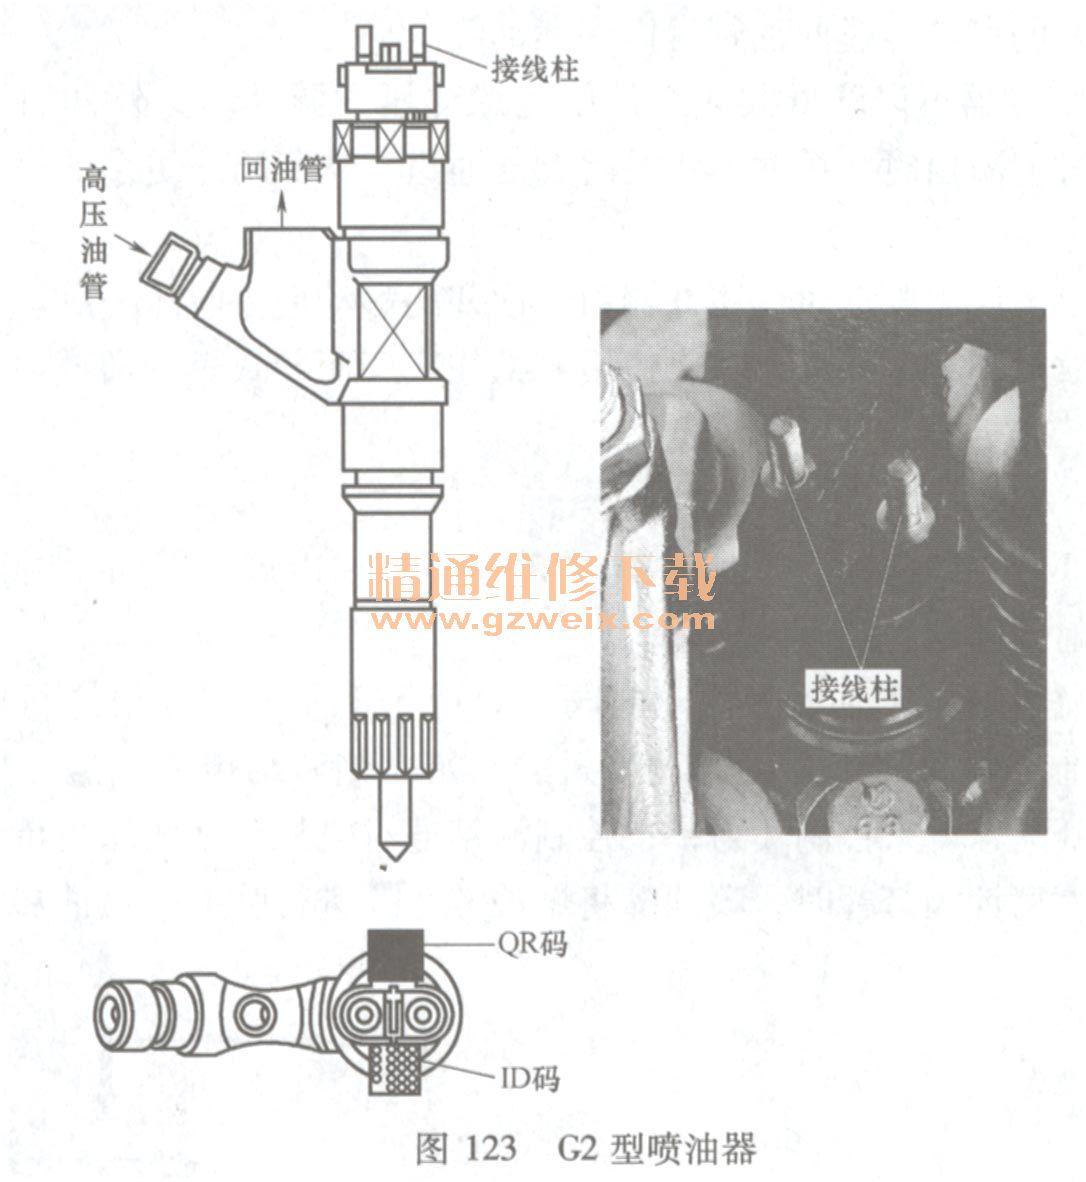 此时施加在控制活塞承压面上的压力和喷嘴弹簧的弹力相等,喷嘴针阀图片